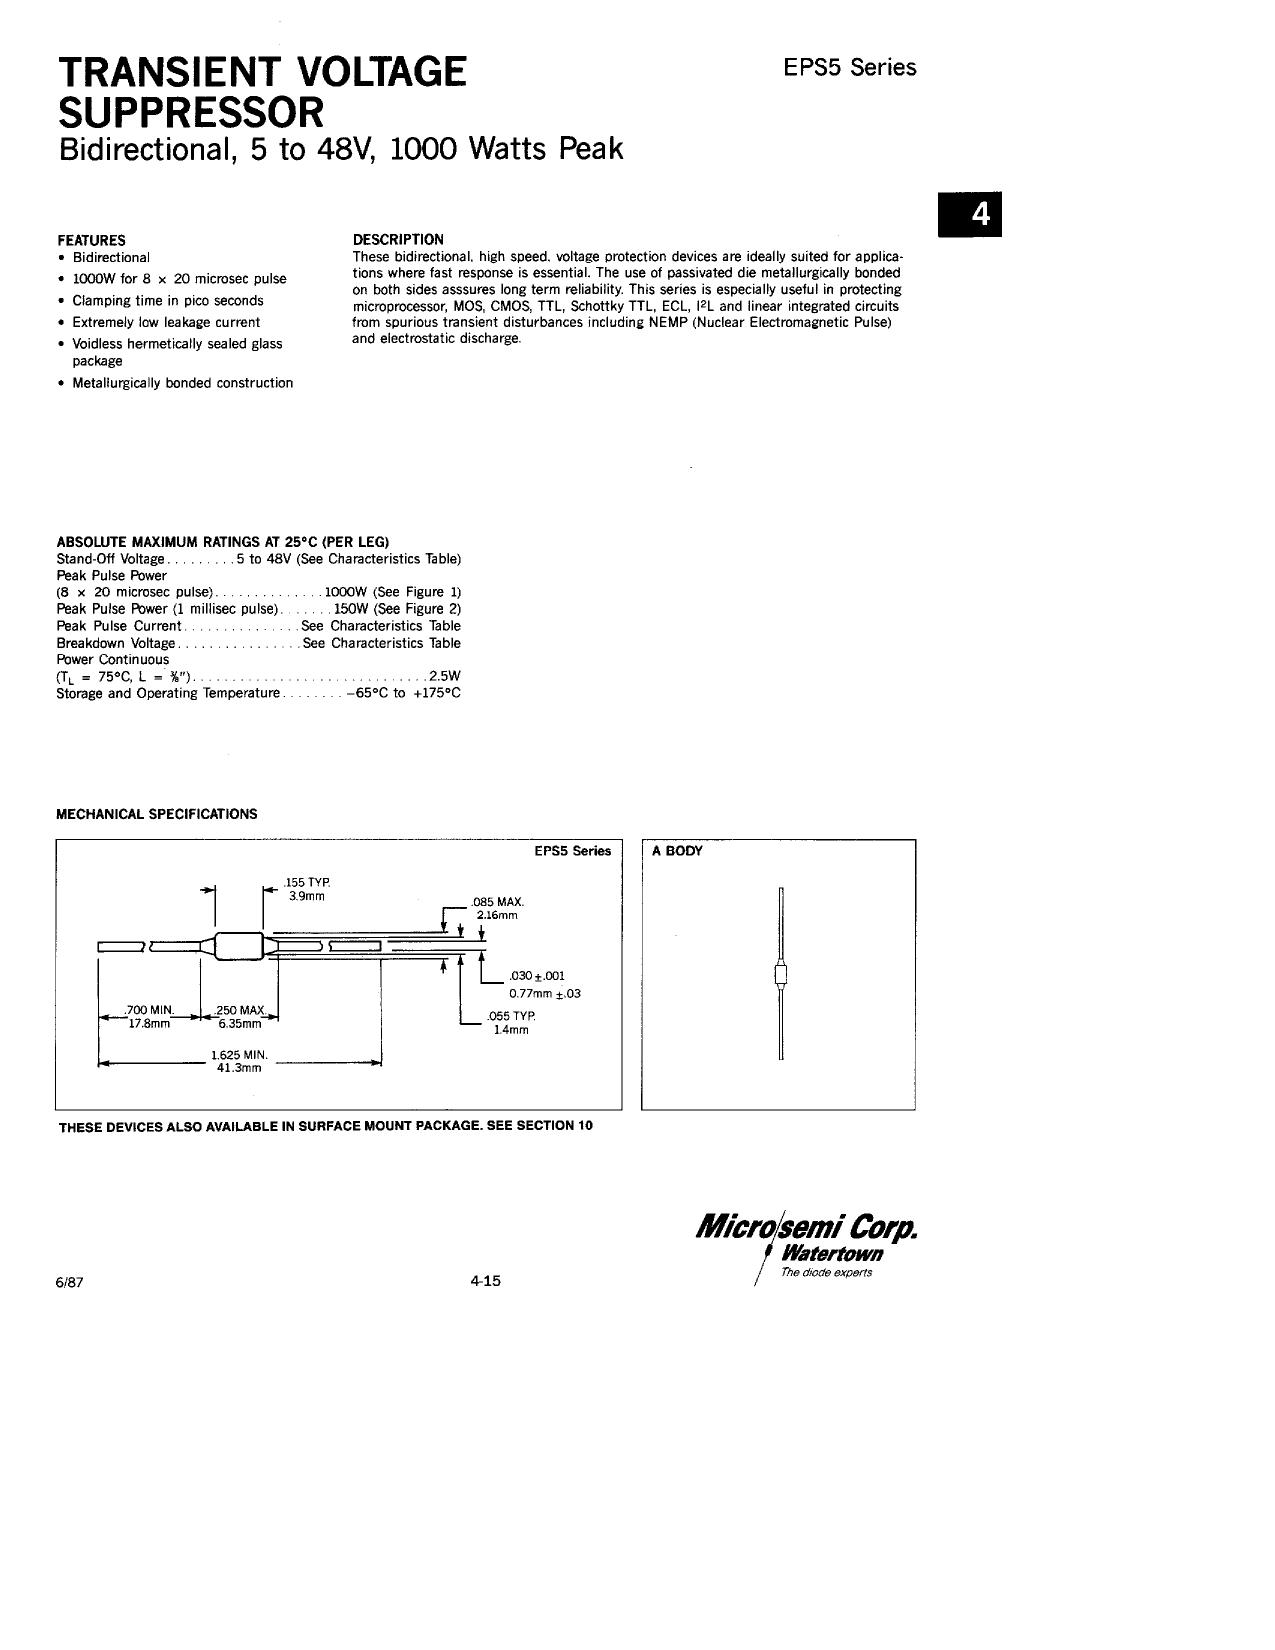 EPS28 دیتاشیت PDF